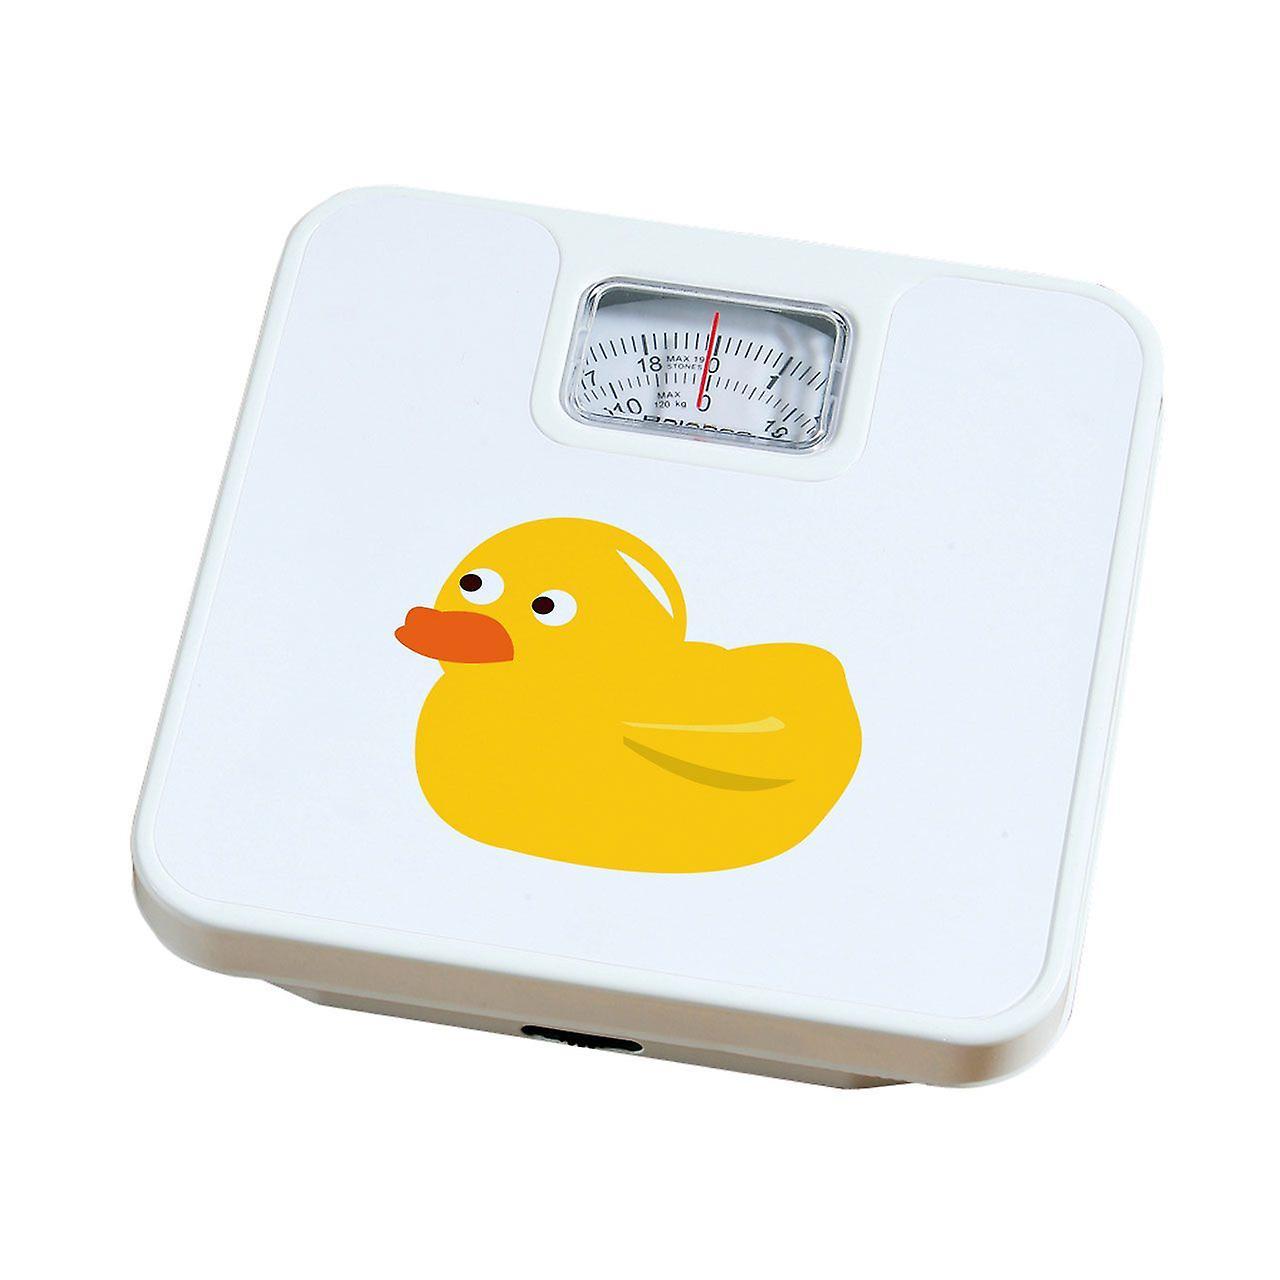 Weegschaal gele eend 120kg Max gewicht schaal wit